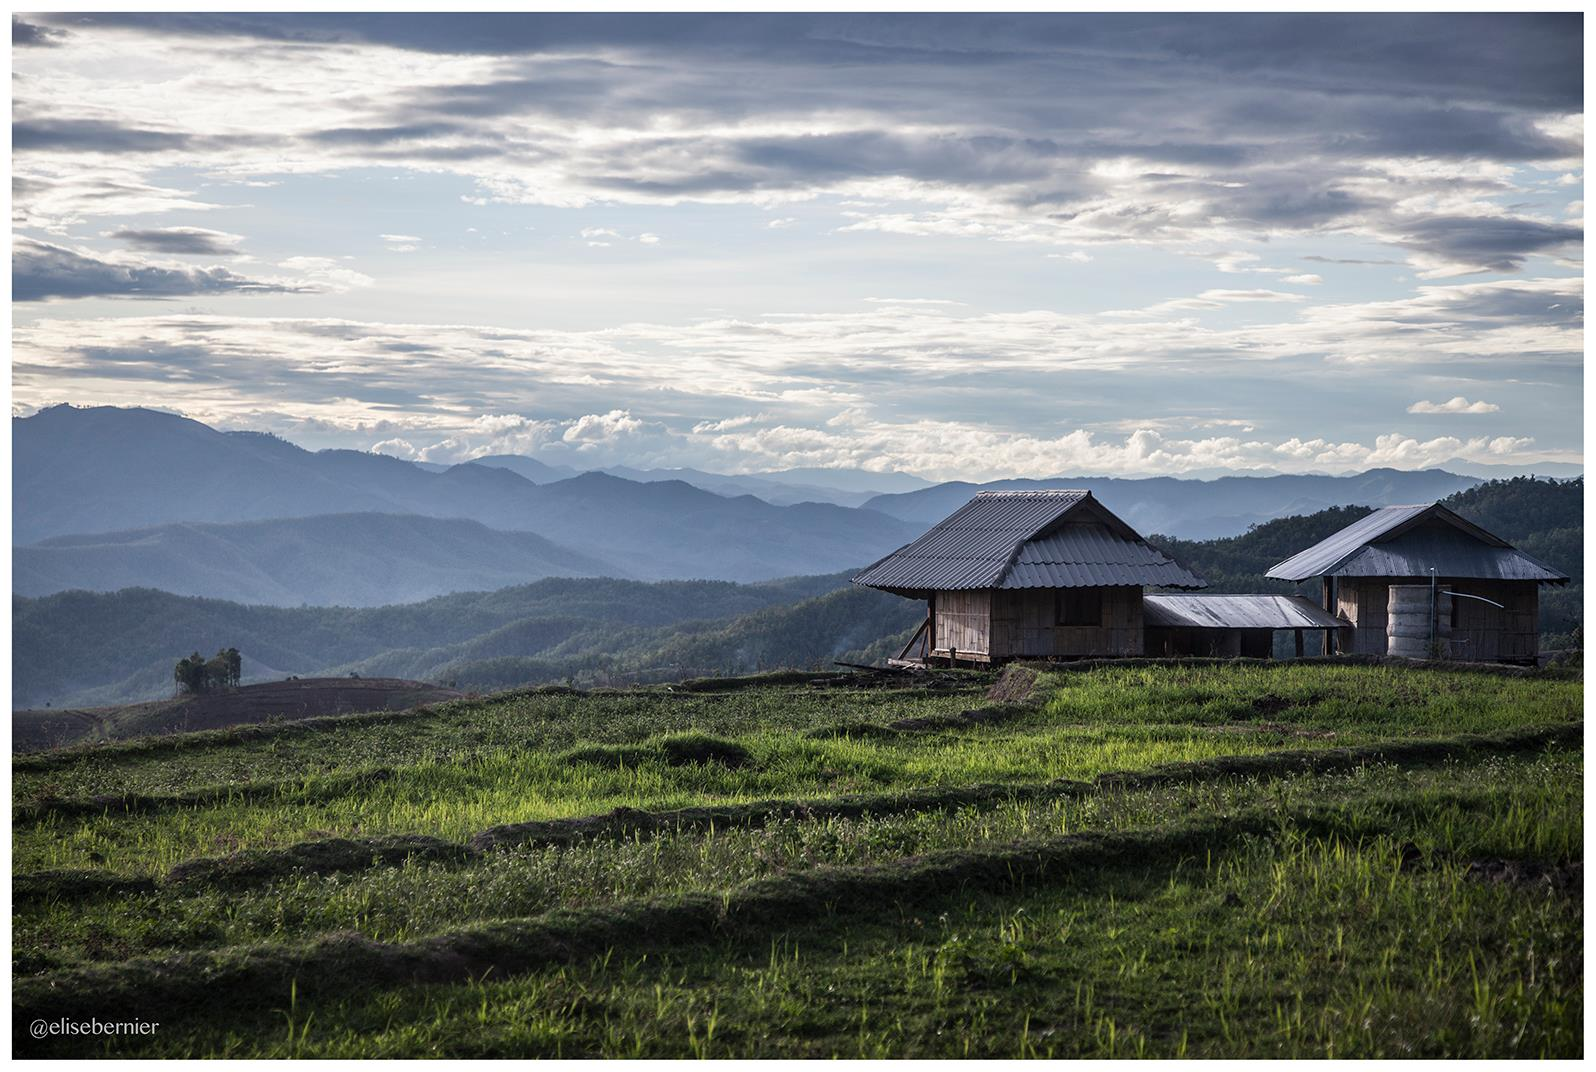 thailande voyage solo femme